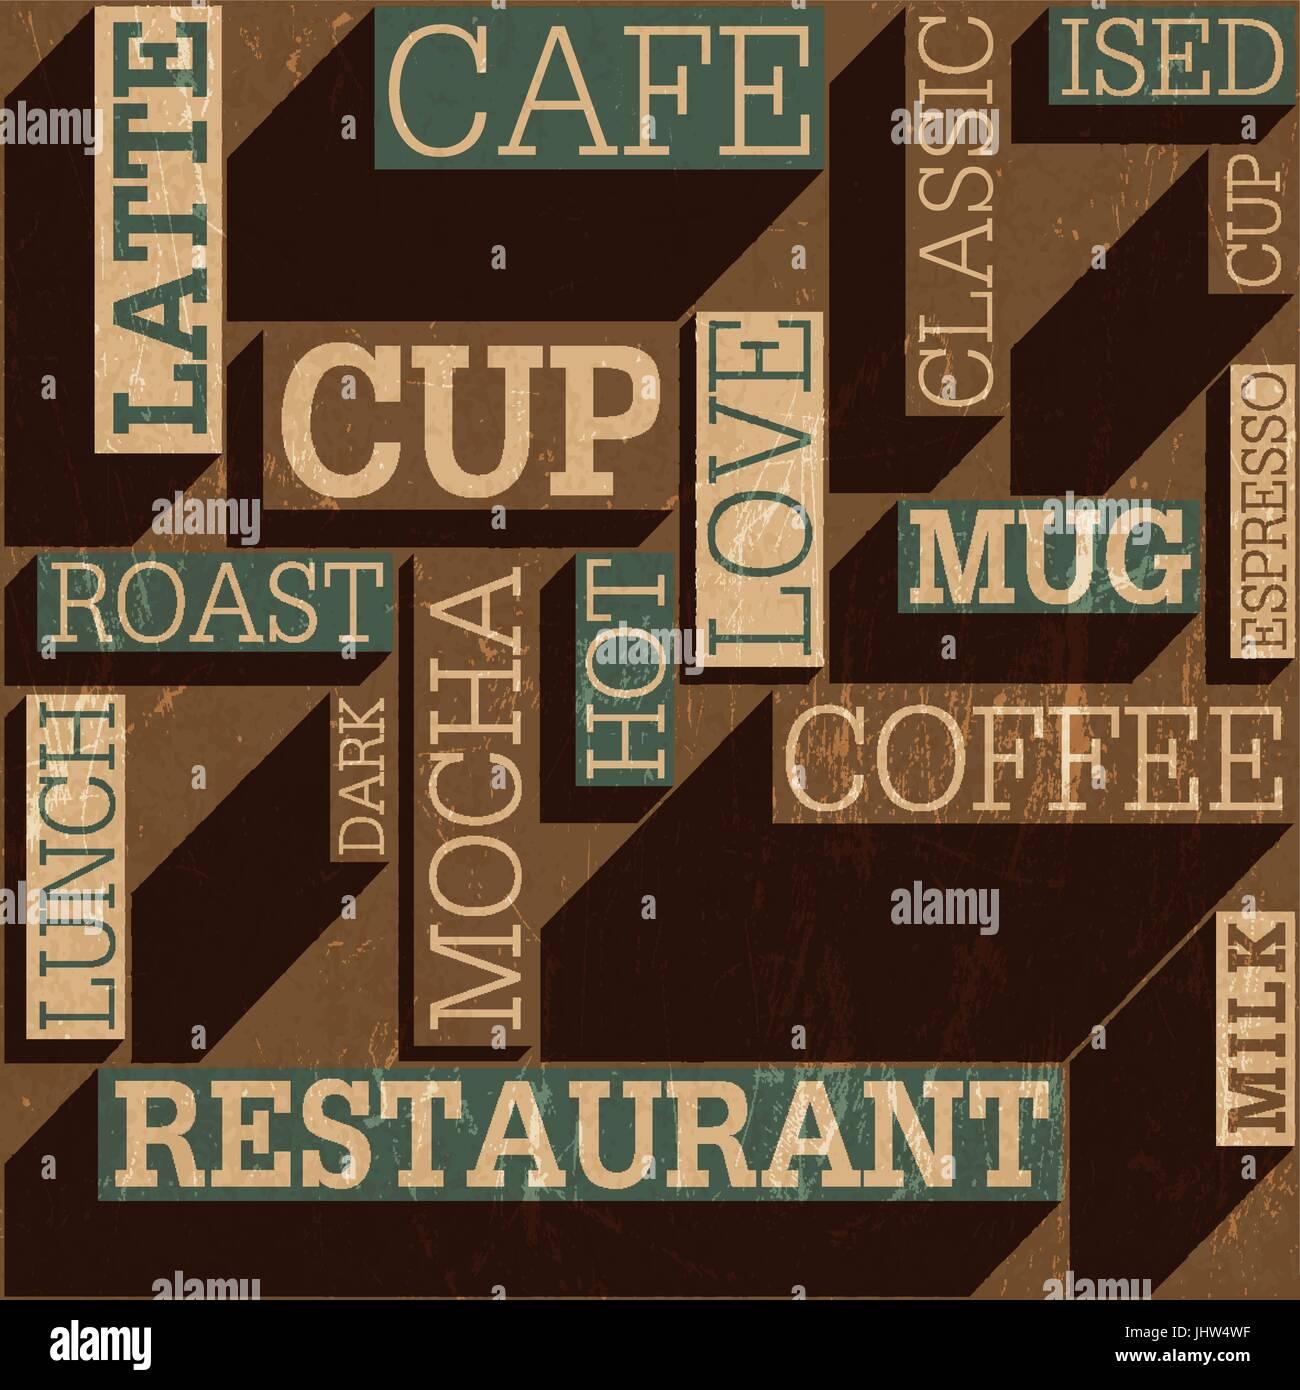 Il caffè a tema retrò seamless background, vettore Immagini Stock